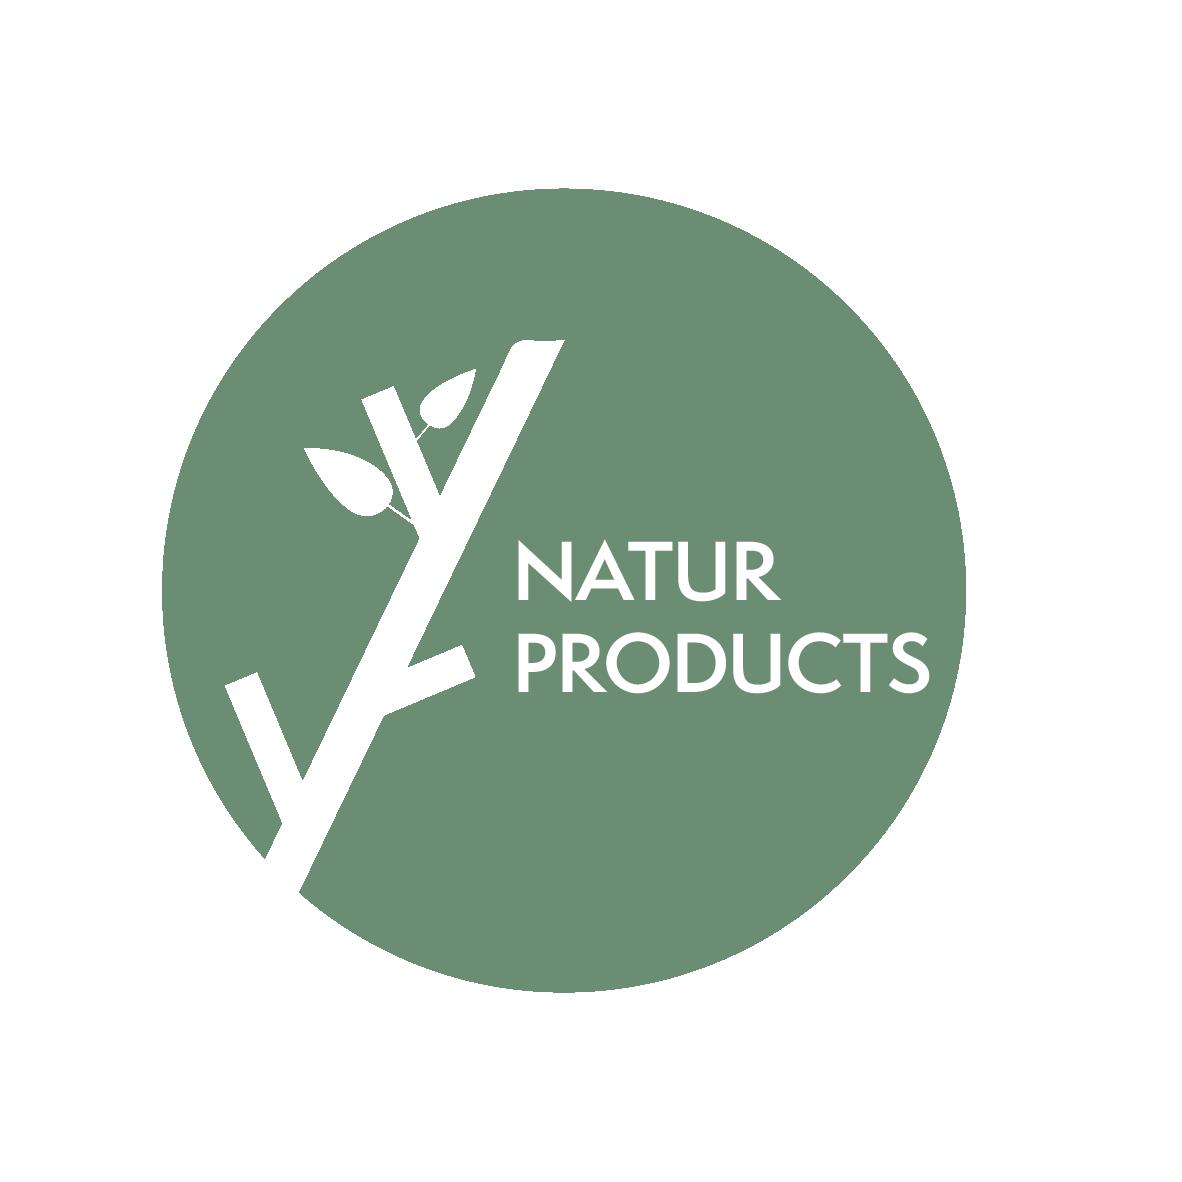 Prírodný produkt